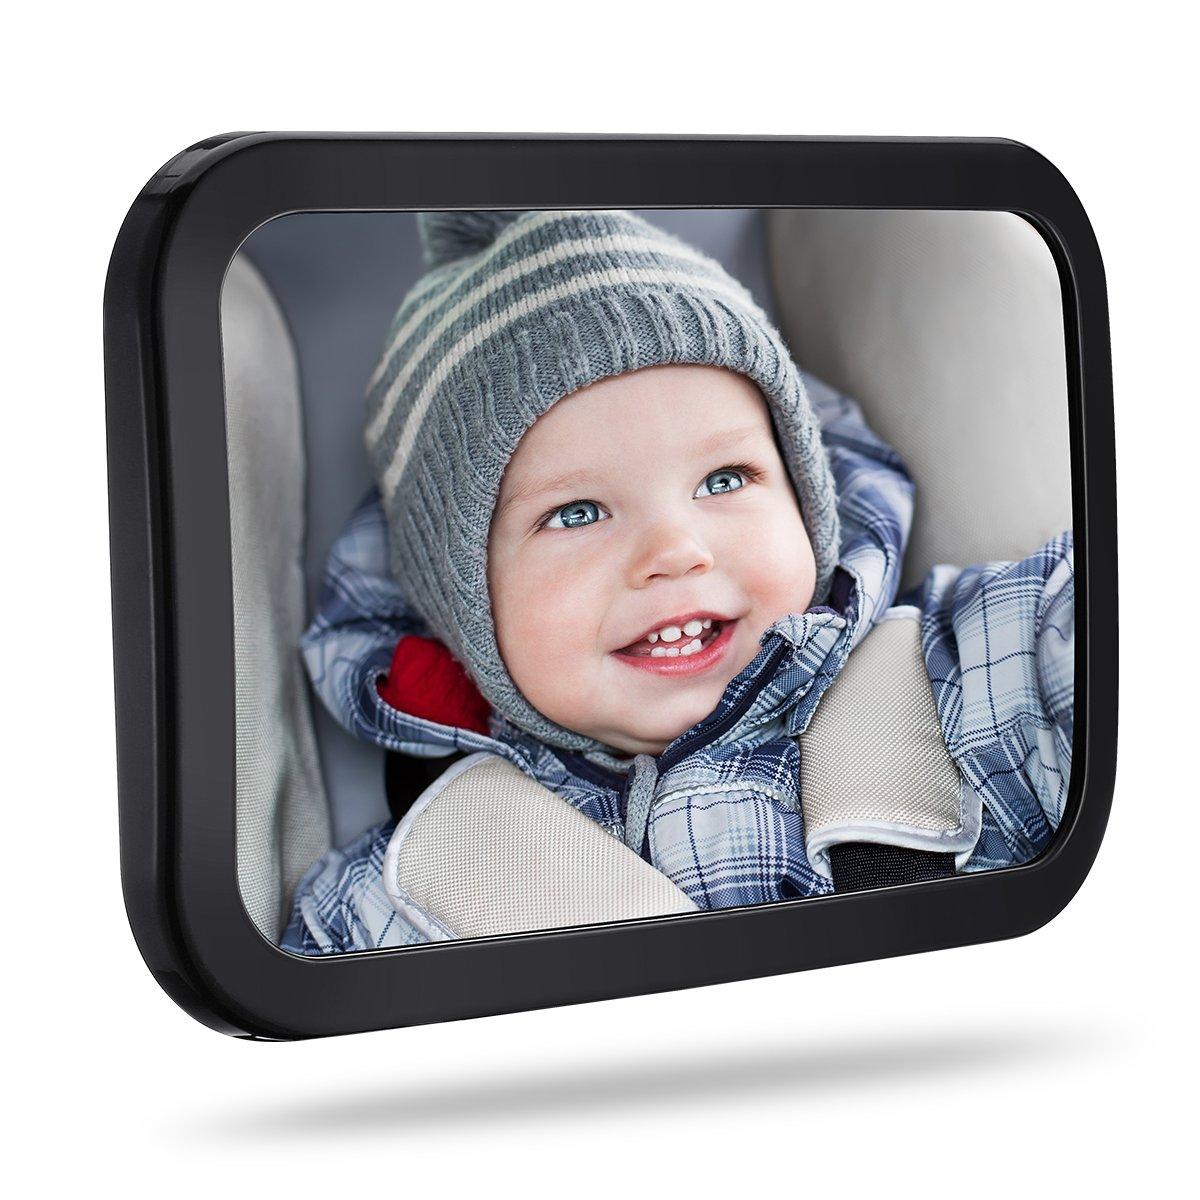 Rétroviseur Arrière Miroir de voiture pour bébé Rétroviseur de Surveillance pour surveiller votre bébé Rétroviseur Sécurité SÛR Pour Siège Arr